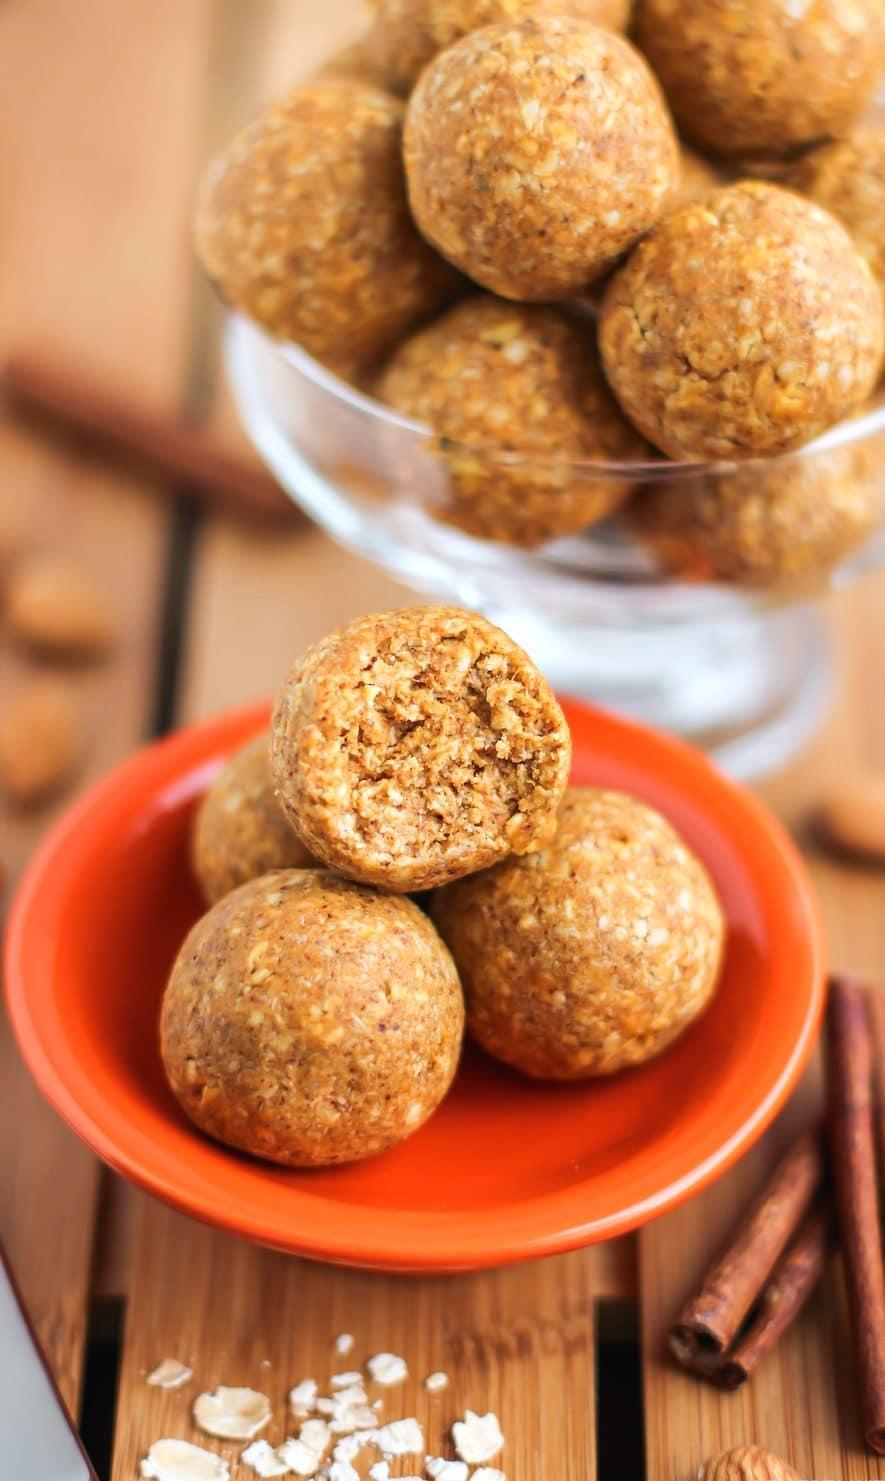 Healthy Pumpkin Pie Energy Bites (no bake, refined sugar free, gluten free, dairy free, vegan) - Desserts with Benefits